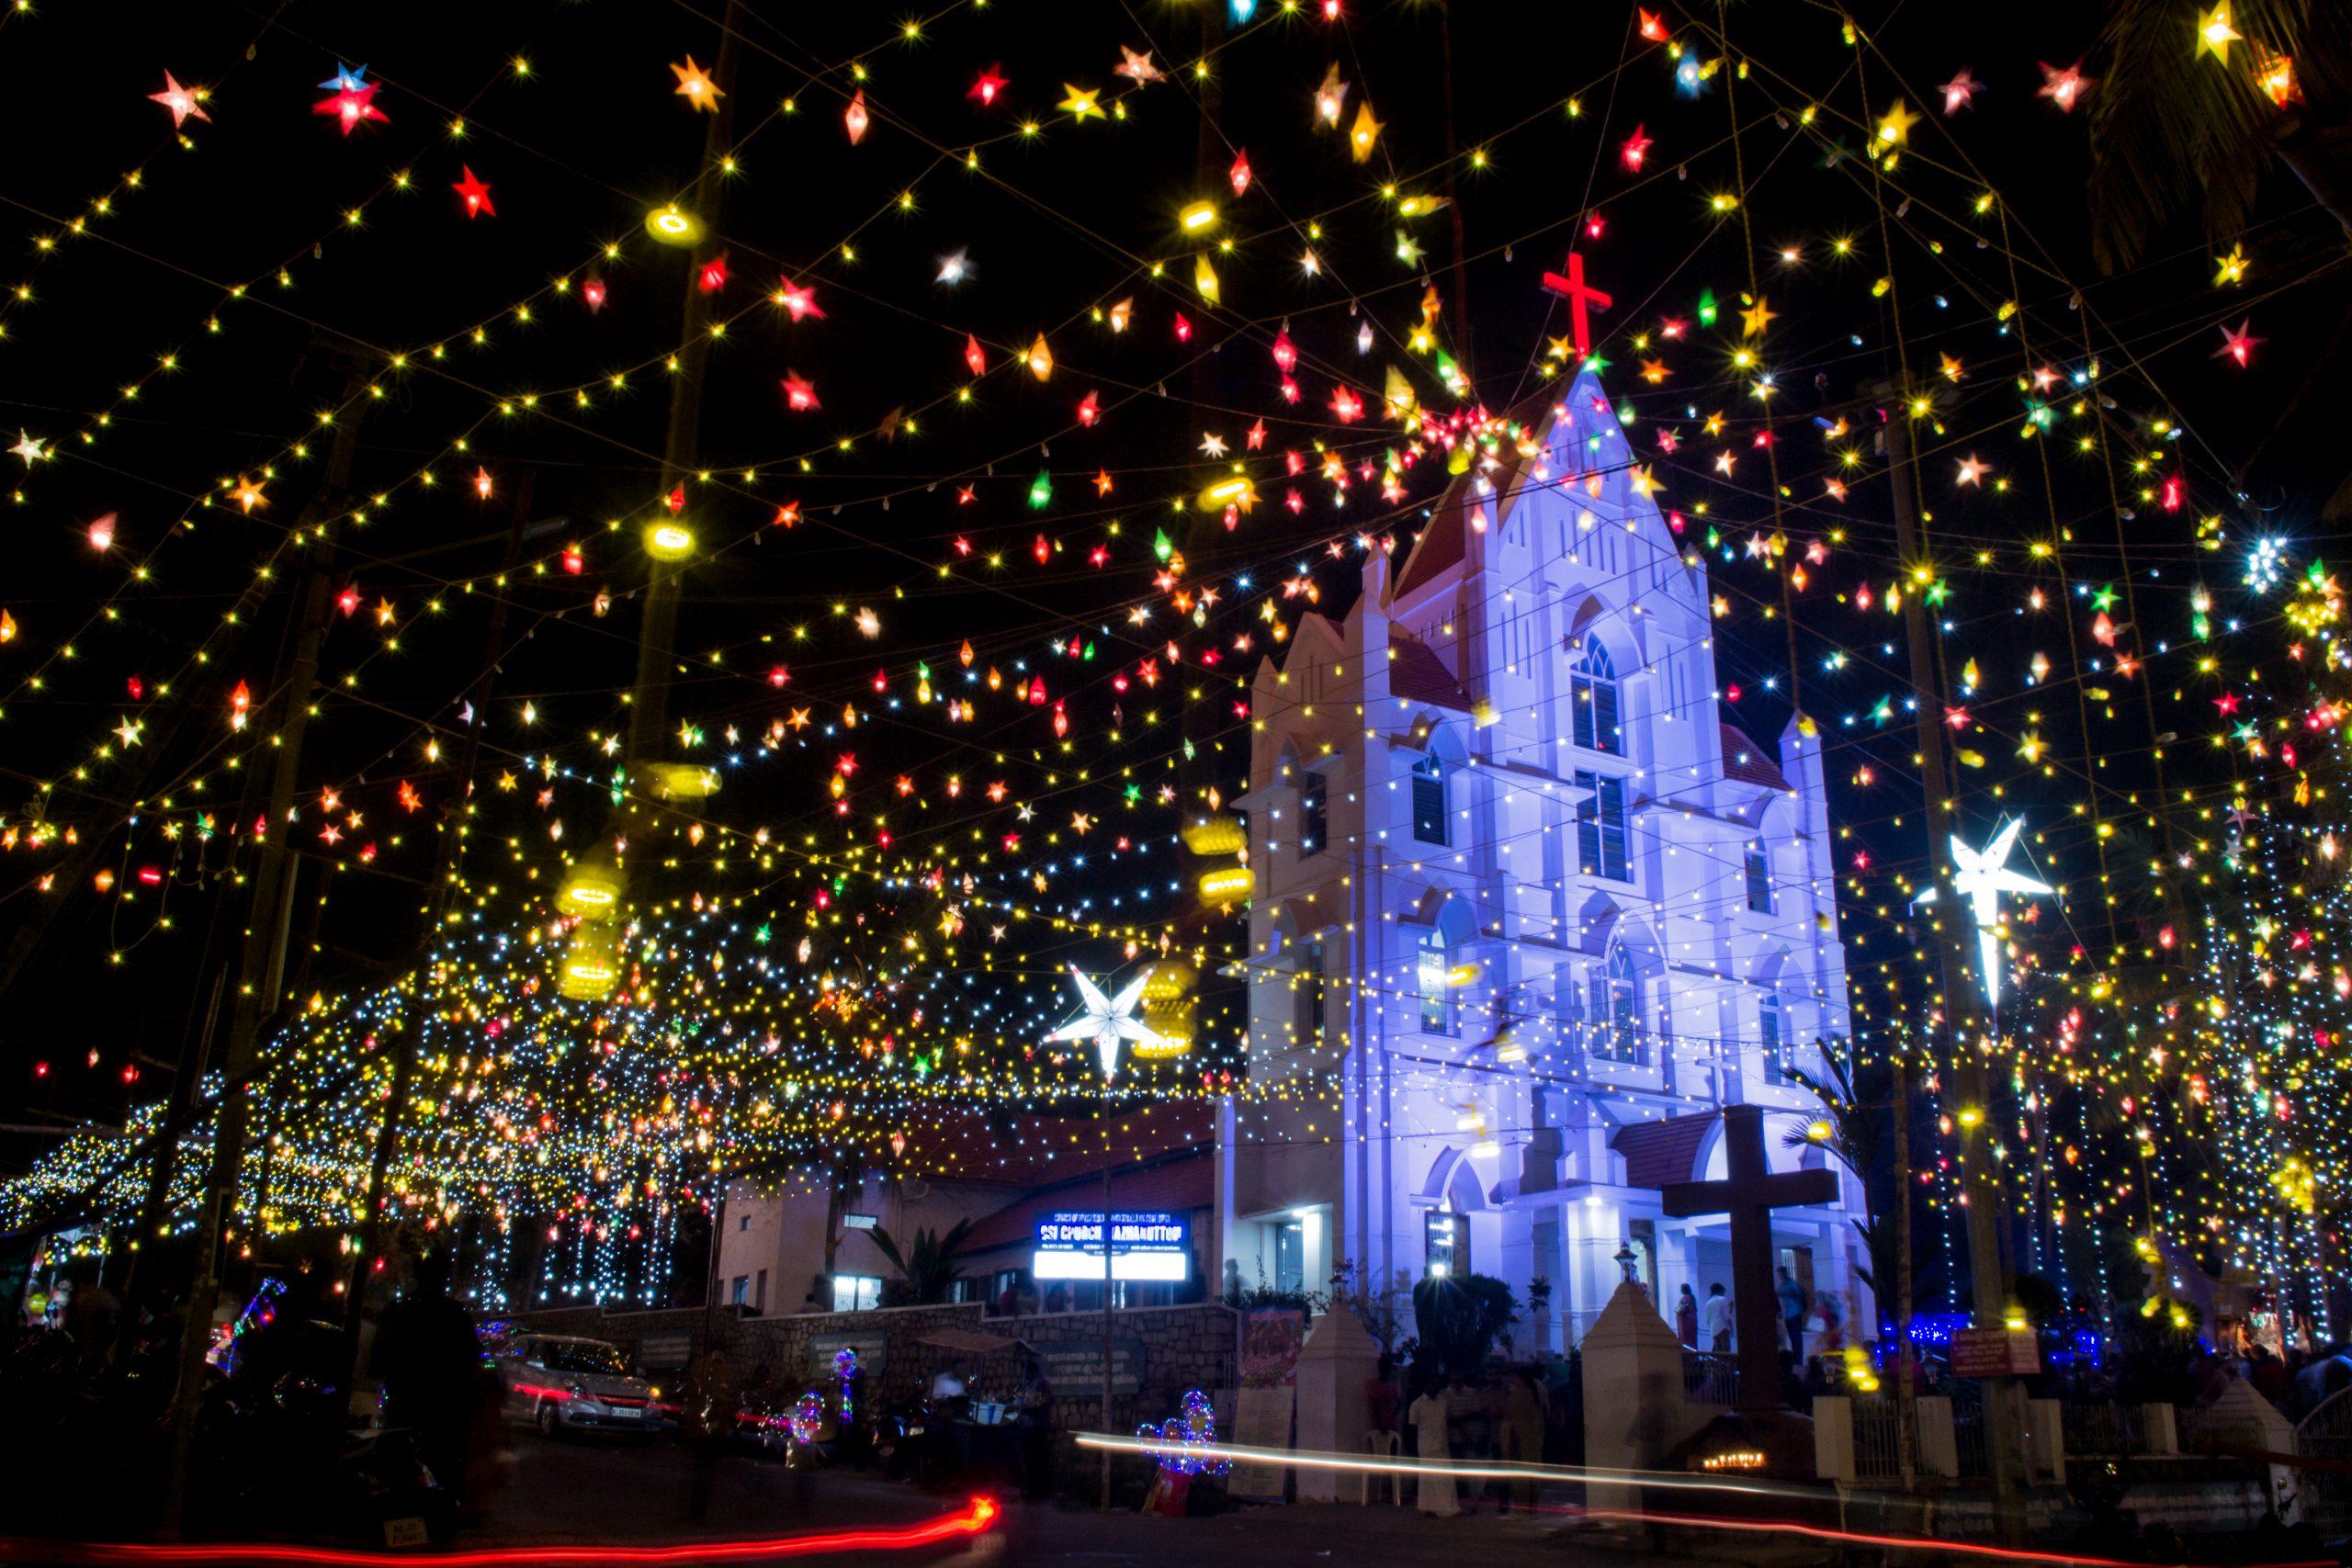 Christmas lighting for a church